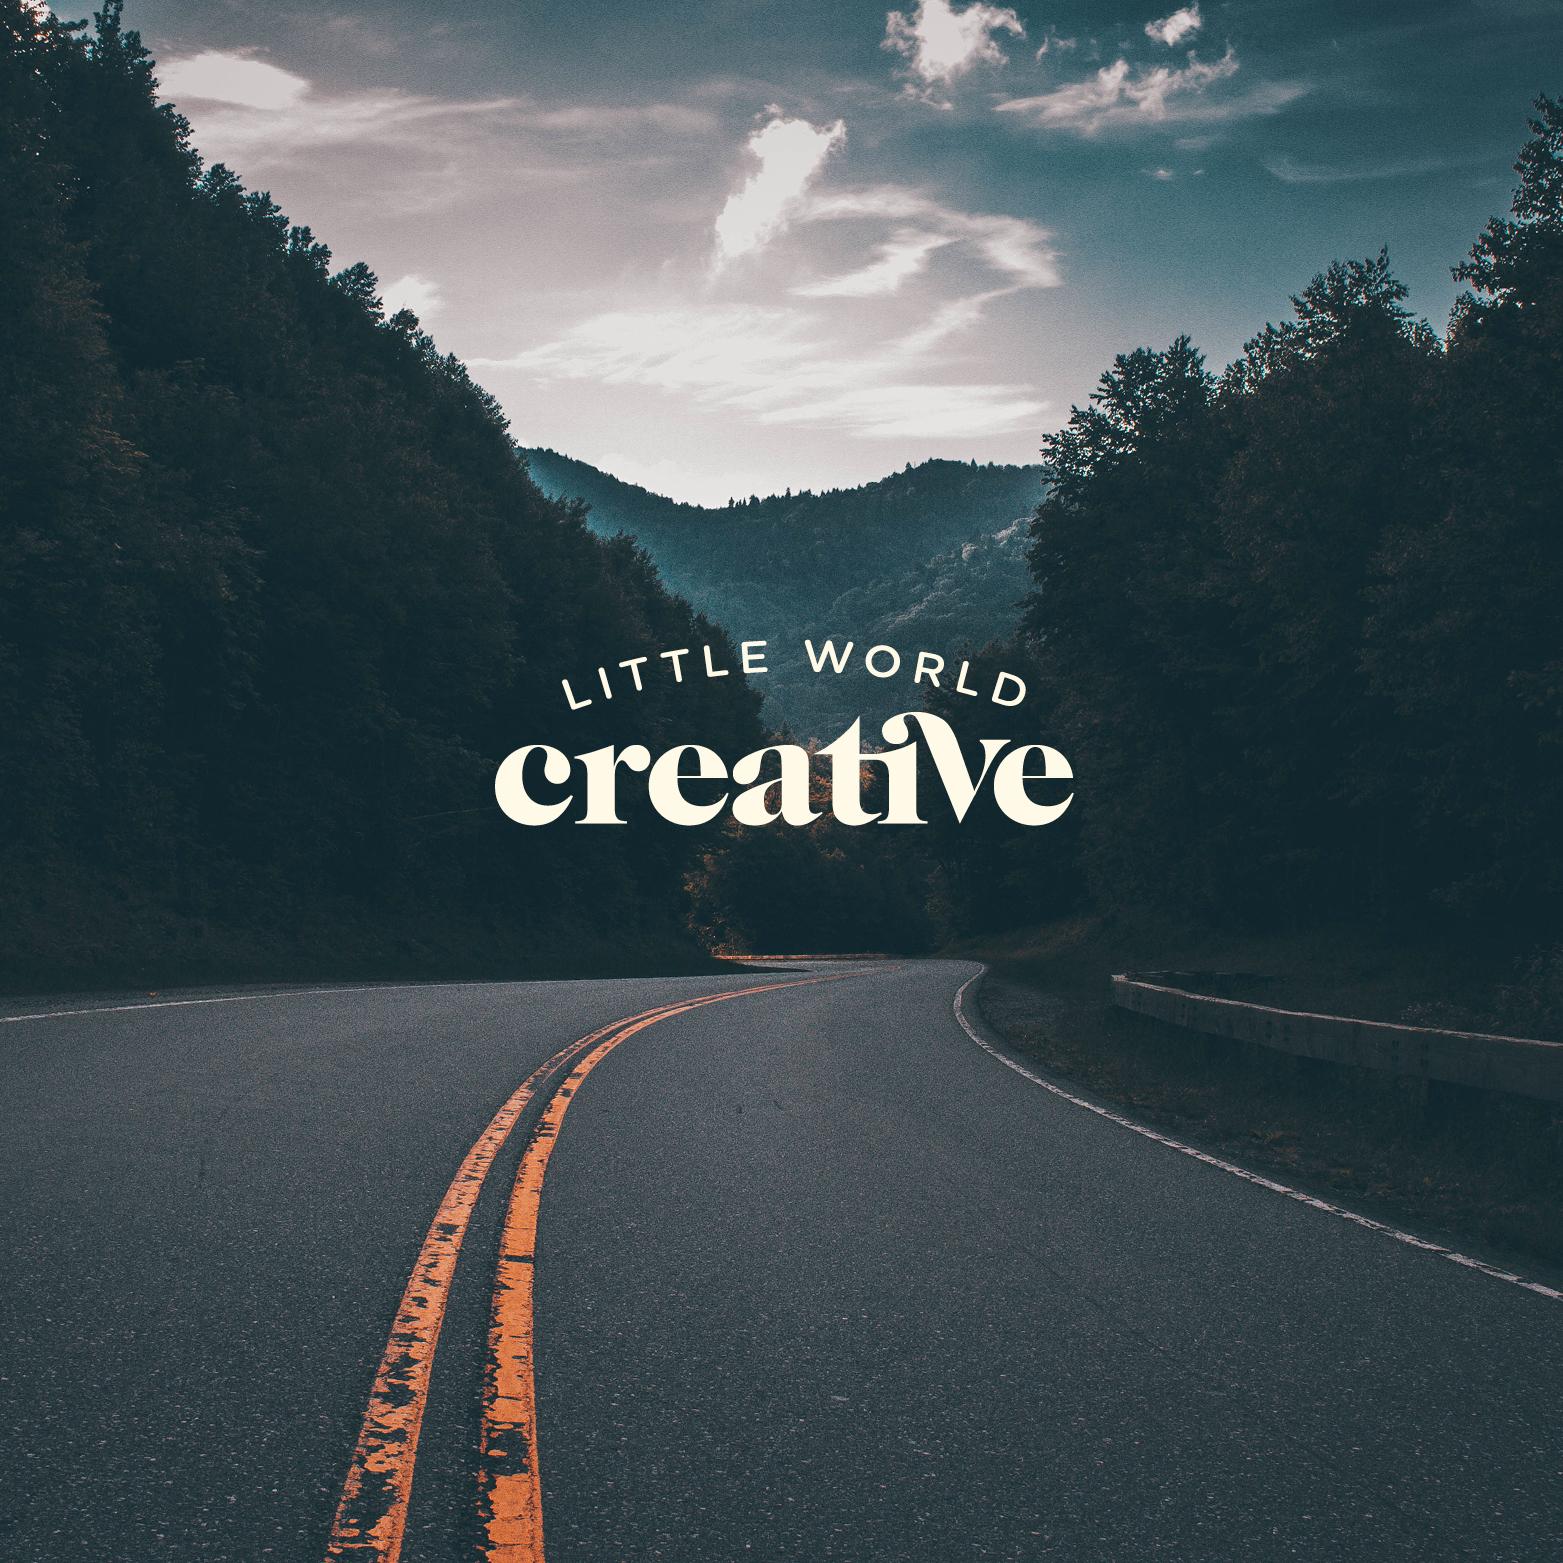 lwc_road.jpg